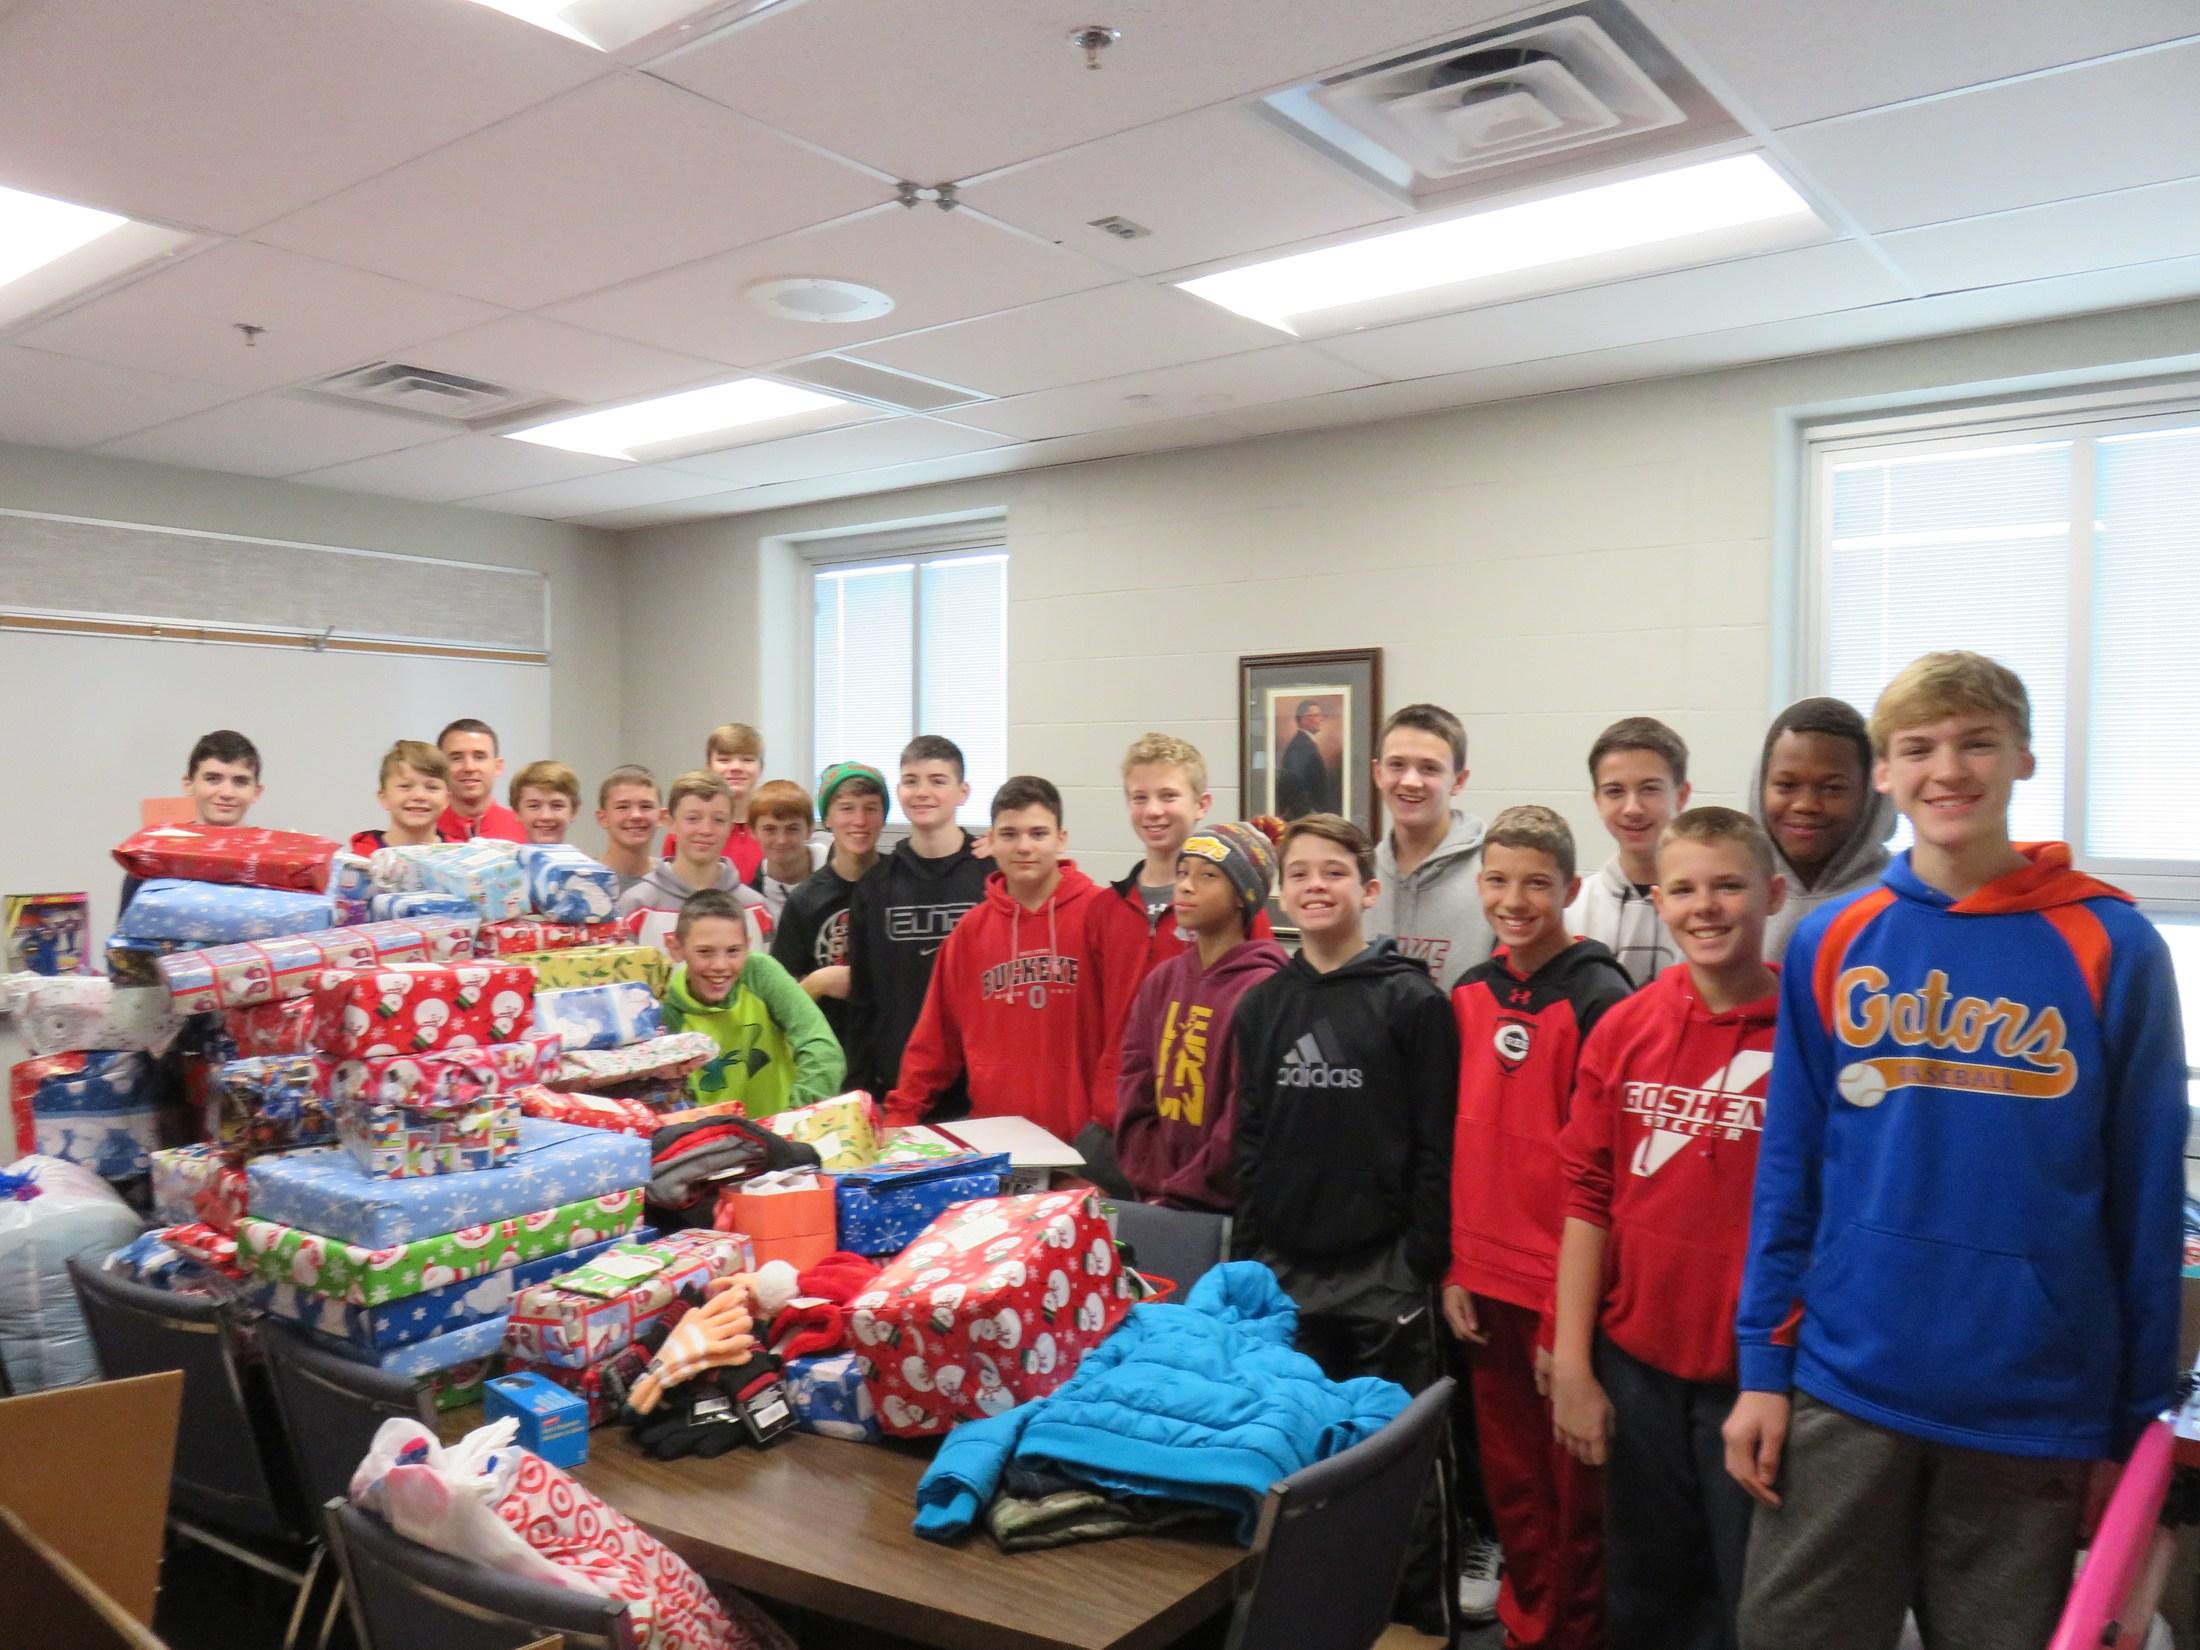 Boys basketball team wrapping Christmas gifts